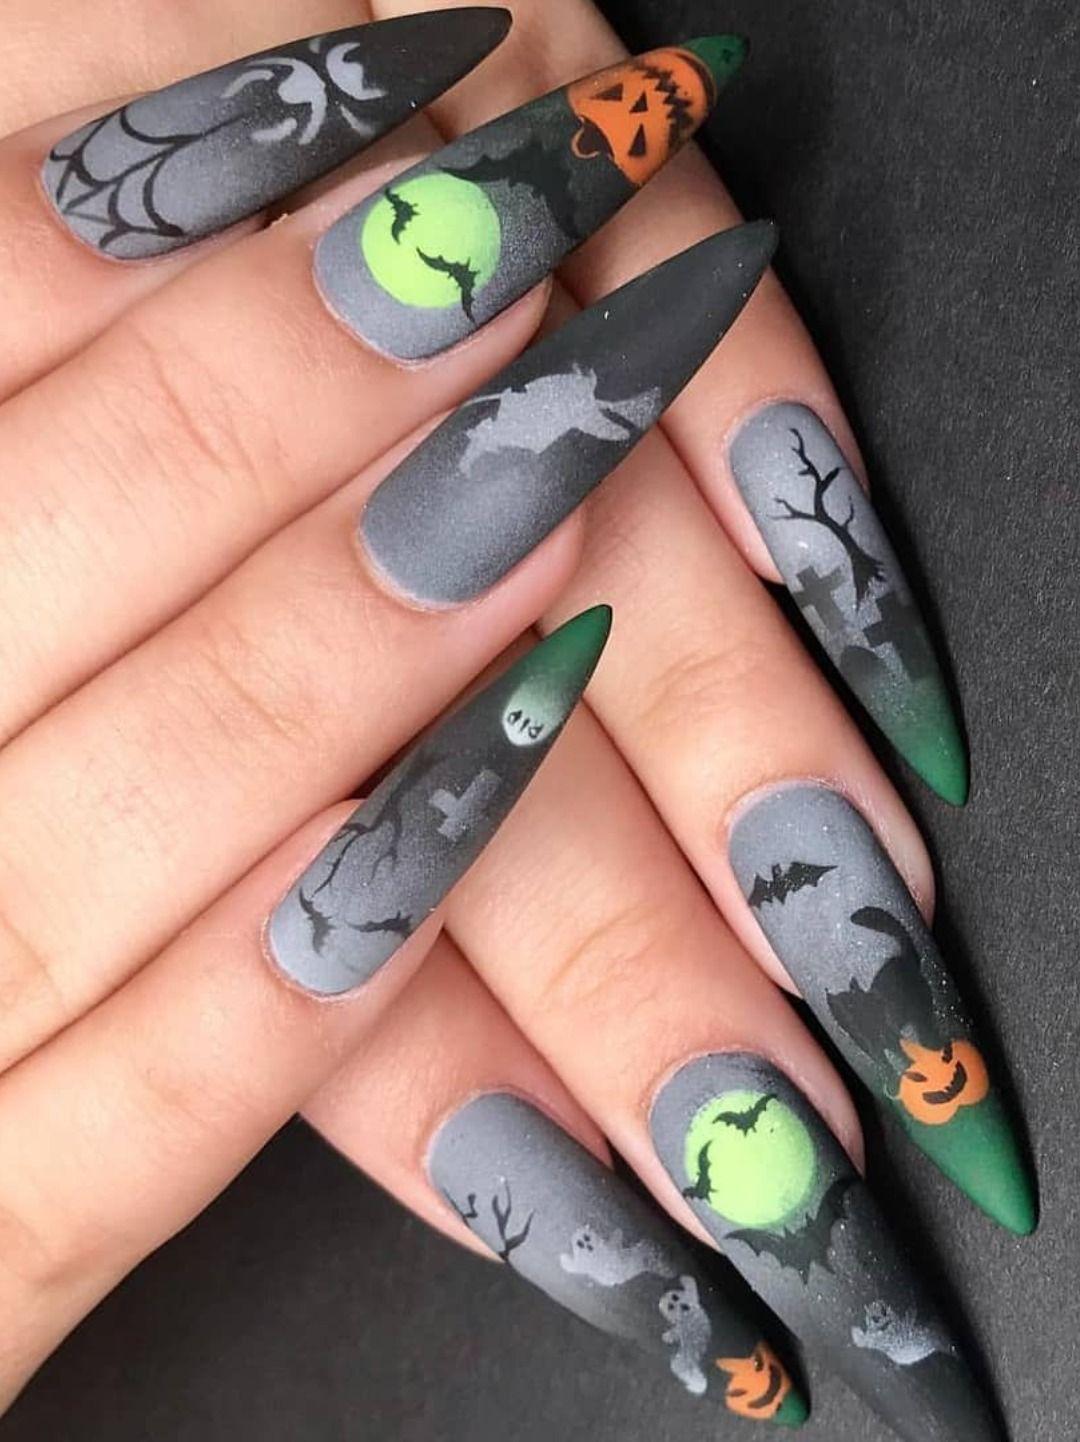 Pin By Samantha On Nail Designs Halloween Nail Designs Super Cute Nails Cotton Candy Nails